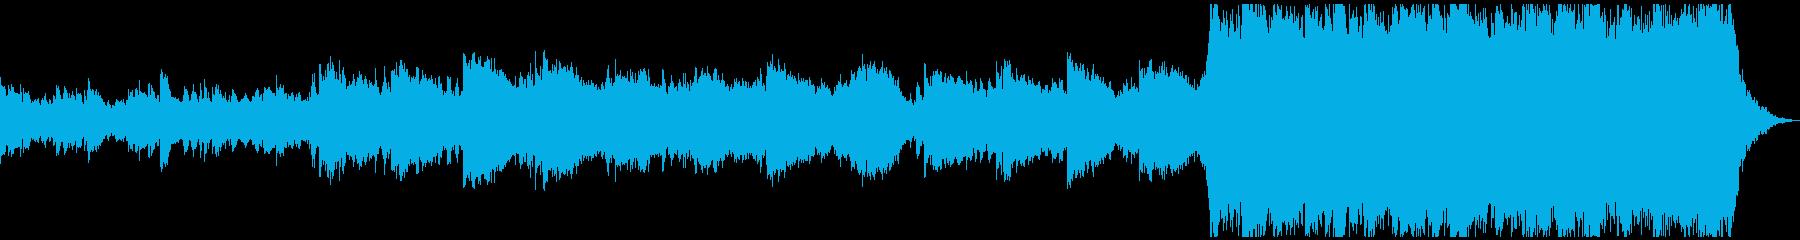 映画オーケストラ。渦巻くファンタジ...の再生済みの波形